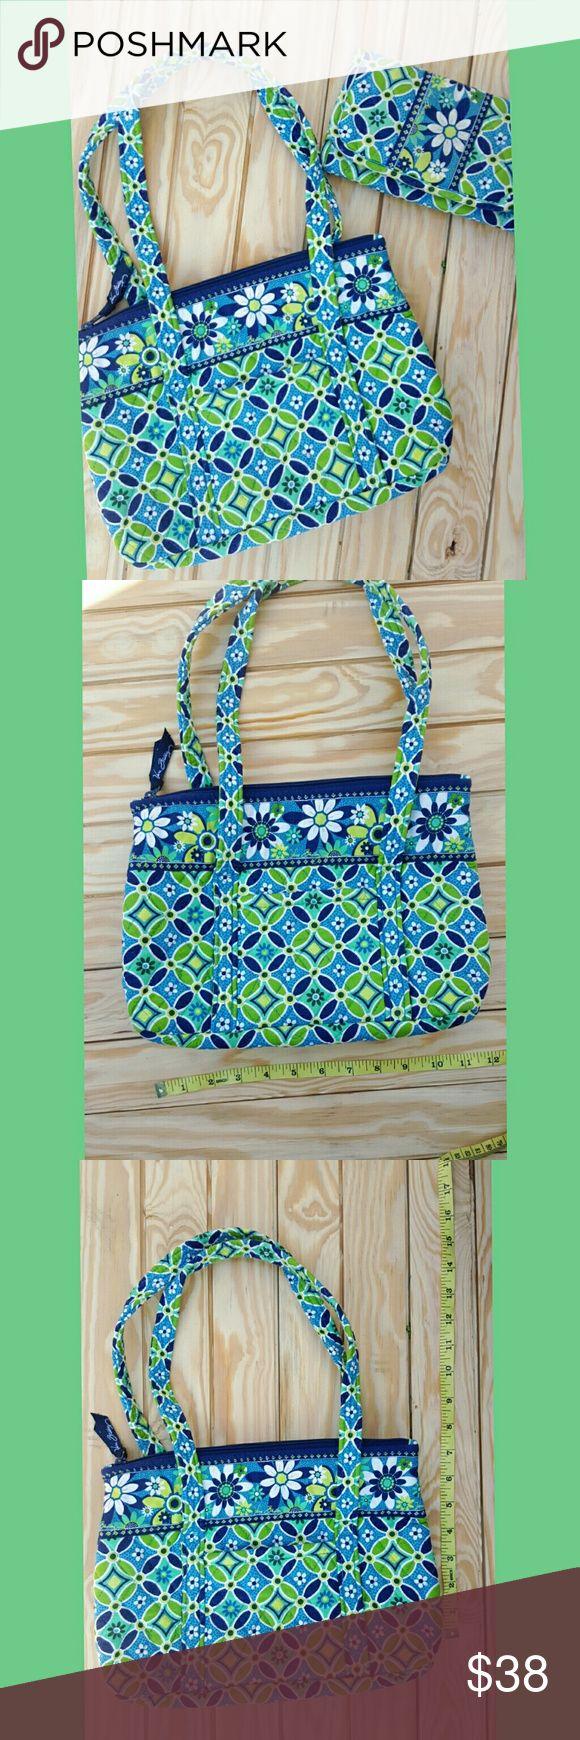 WEEKEND SALE Vera Bradley Purse and Wallet Vera Bradley Purse and Wallet Vera Bradley Bags Shoulder Bags